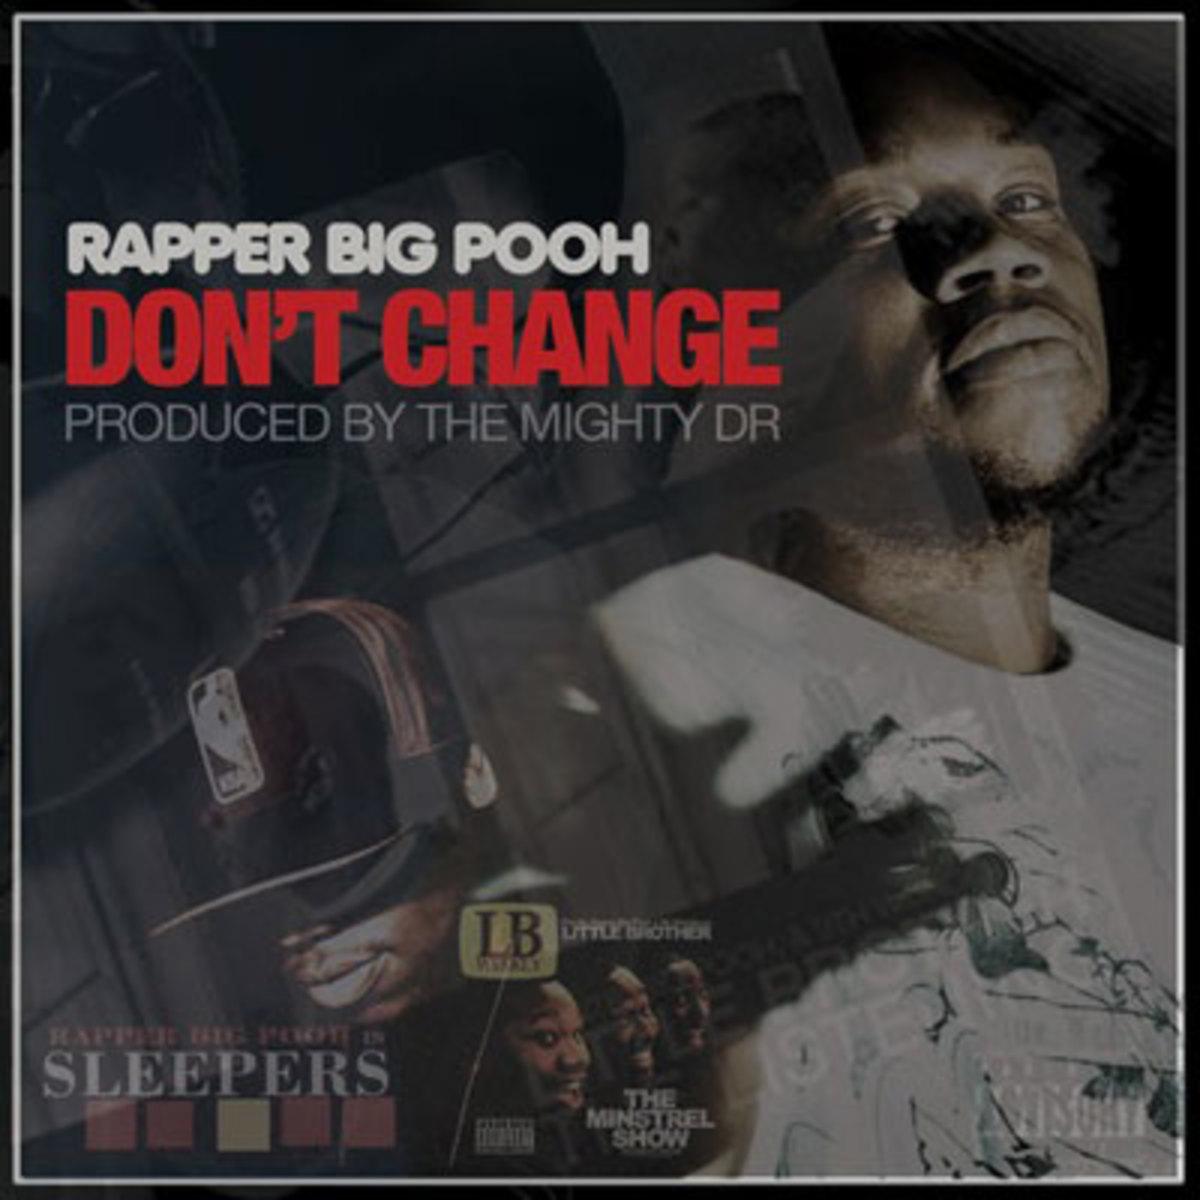 rapperbigpooh-dontchange.jpg